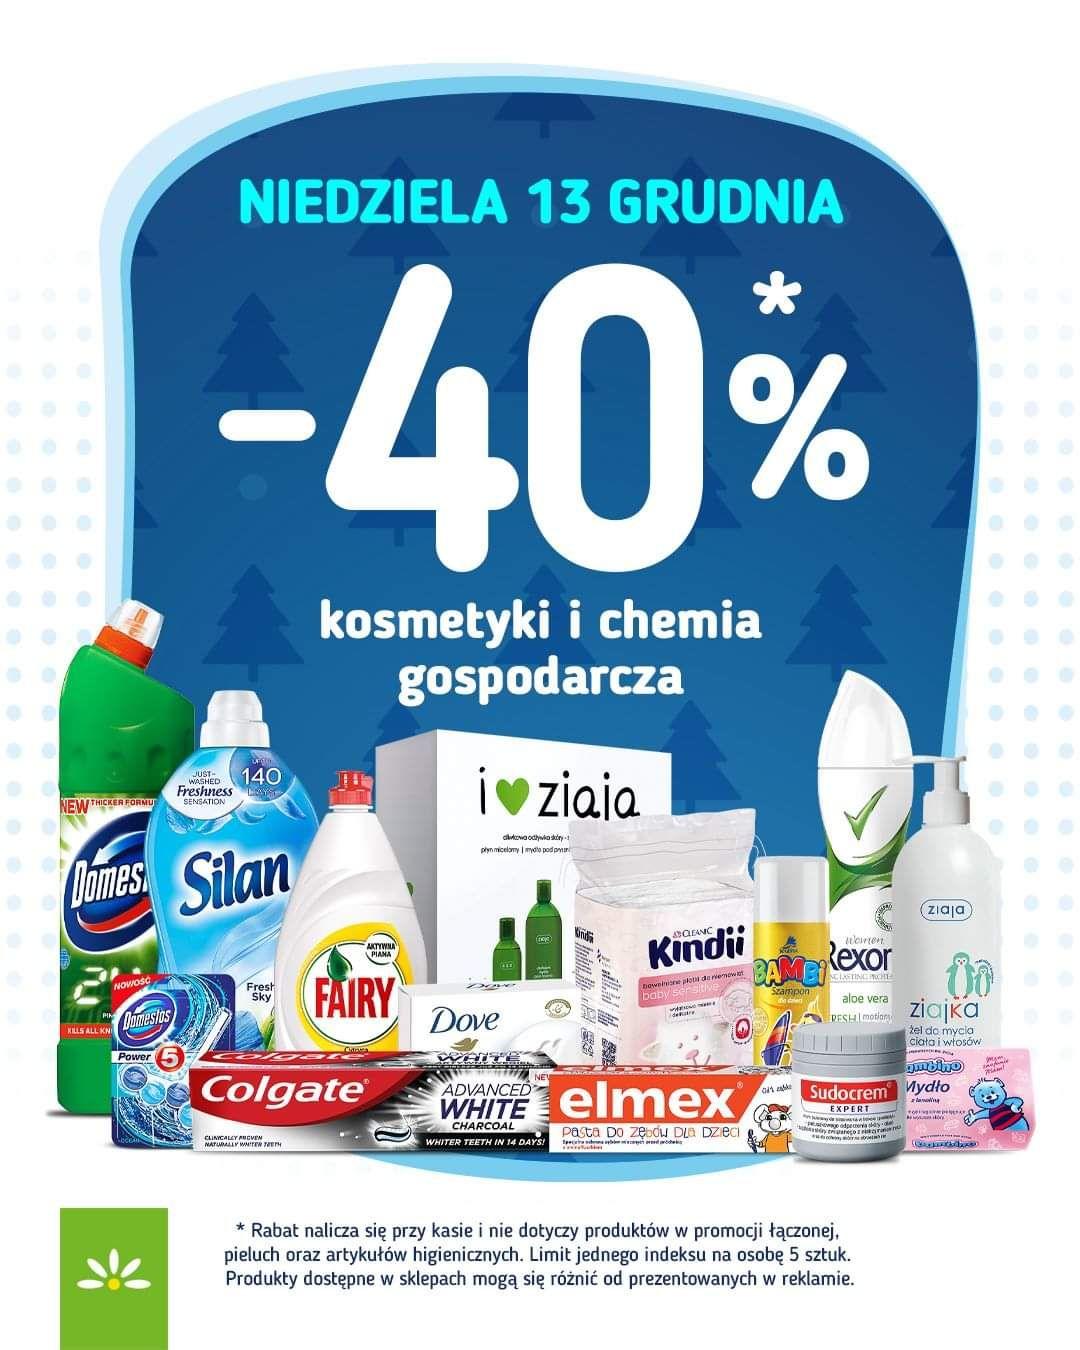 - 40% kosmetyki i chemia gospodarcza (także na przecenione w gazetce ) - Stokrotka